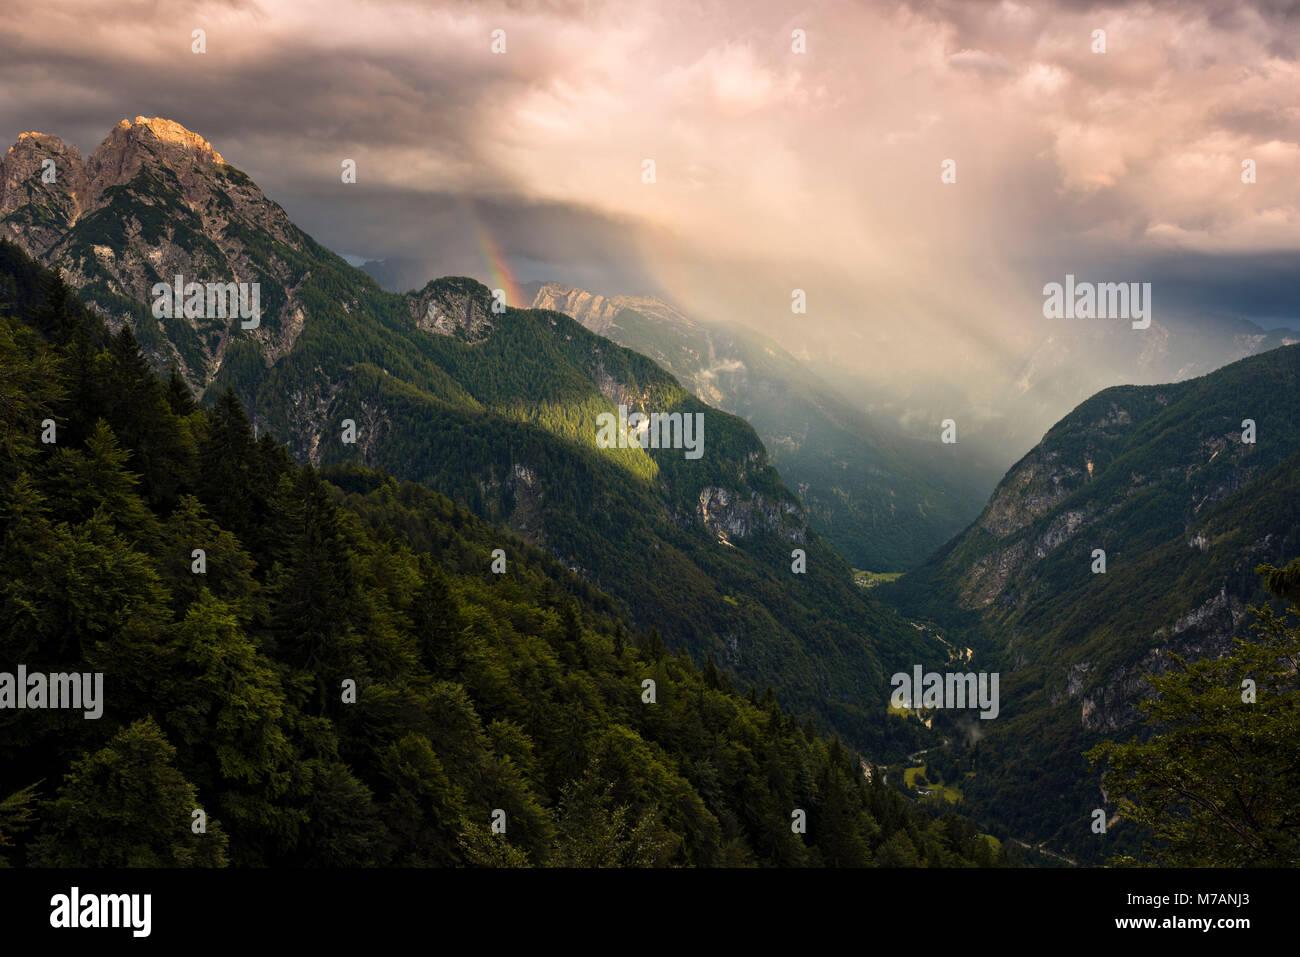 Blick in das Tal von Trenta in majestätischen Abendlicht mit Regenbogen, Kanjavec Gipfel, Mali Spicje, Velika Stockbild